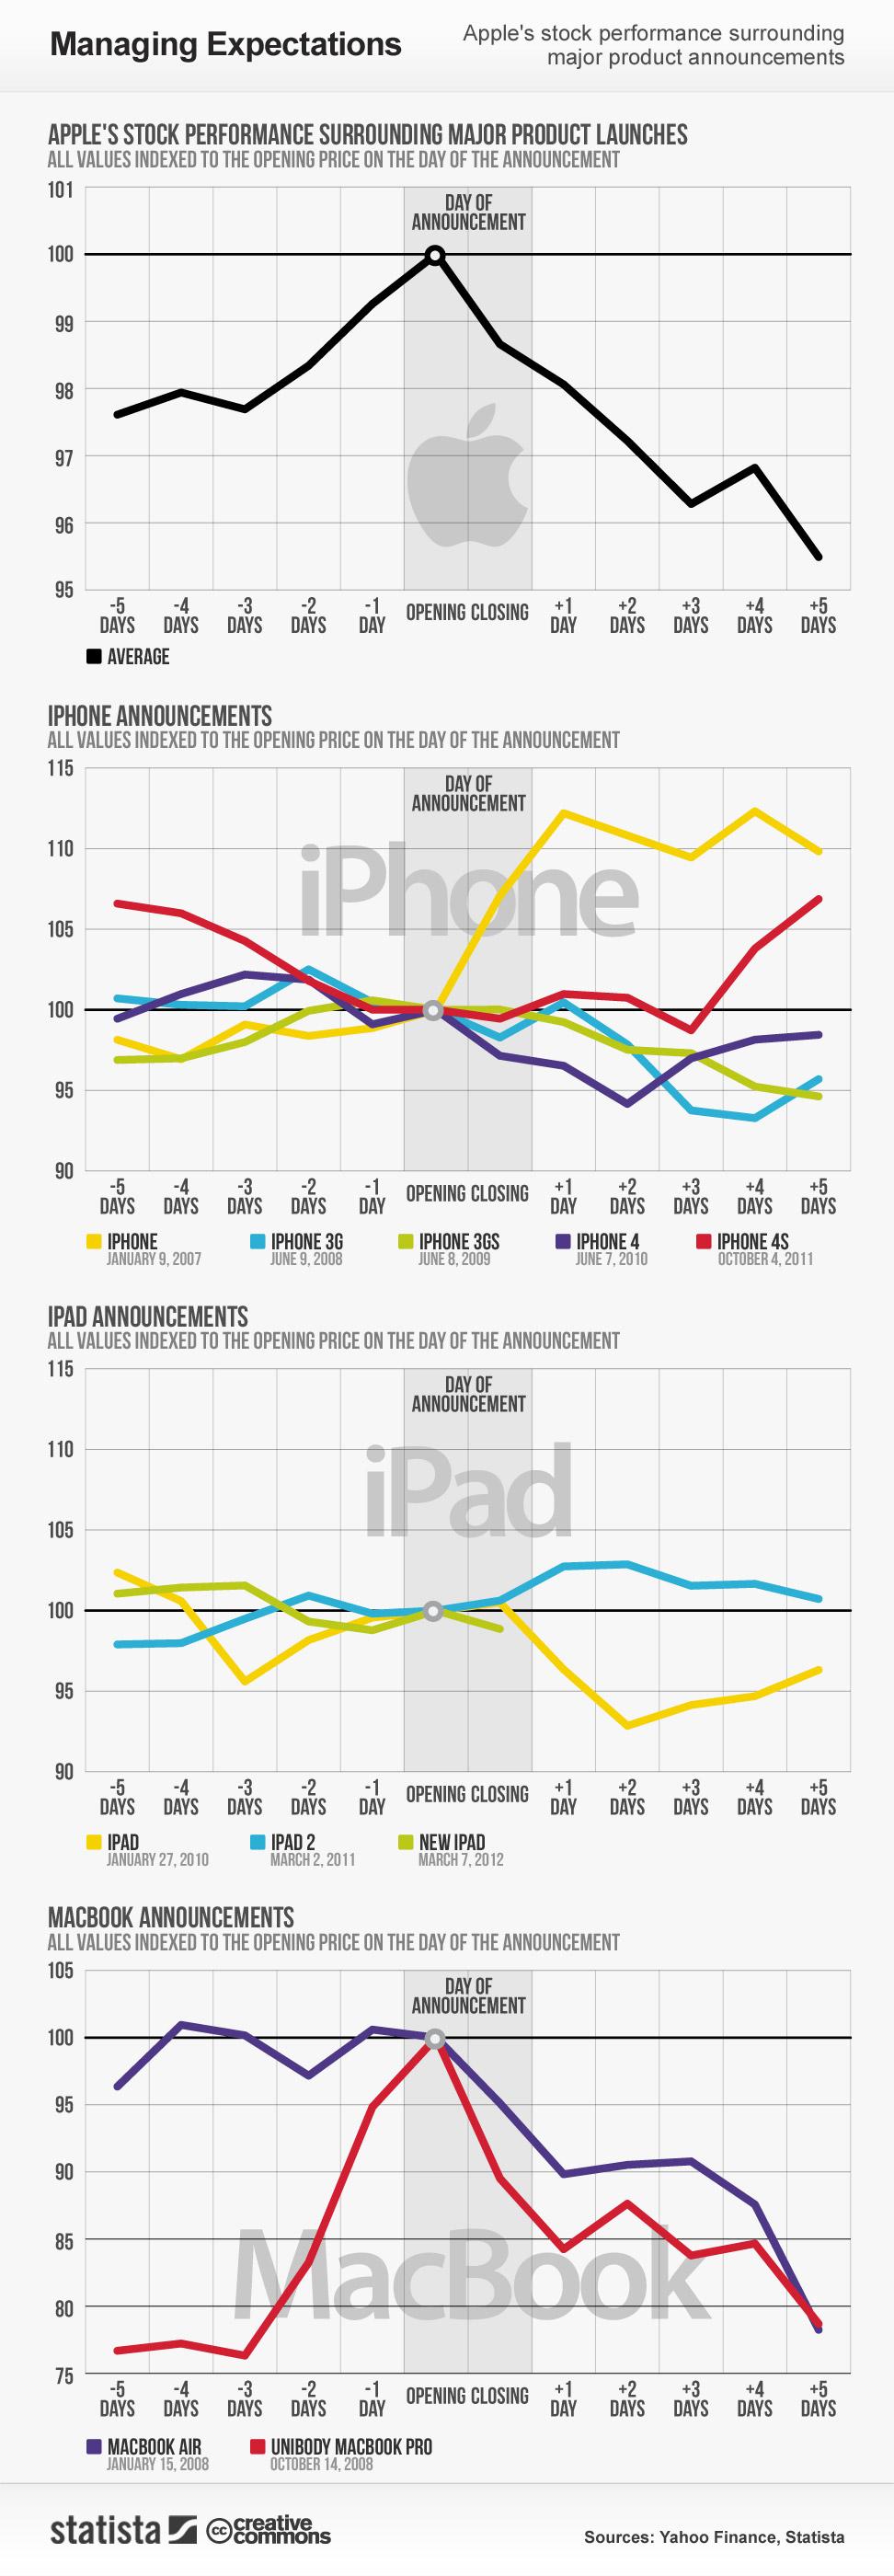 Gráfico: ações vs. lançamento de produtos